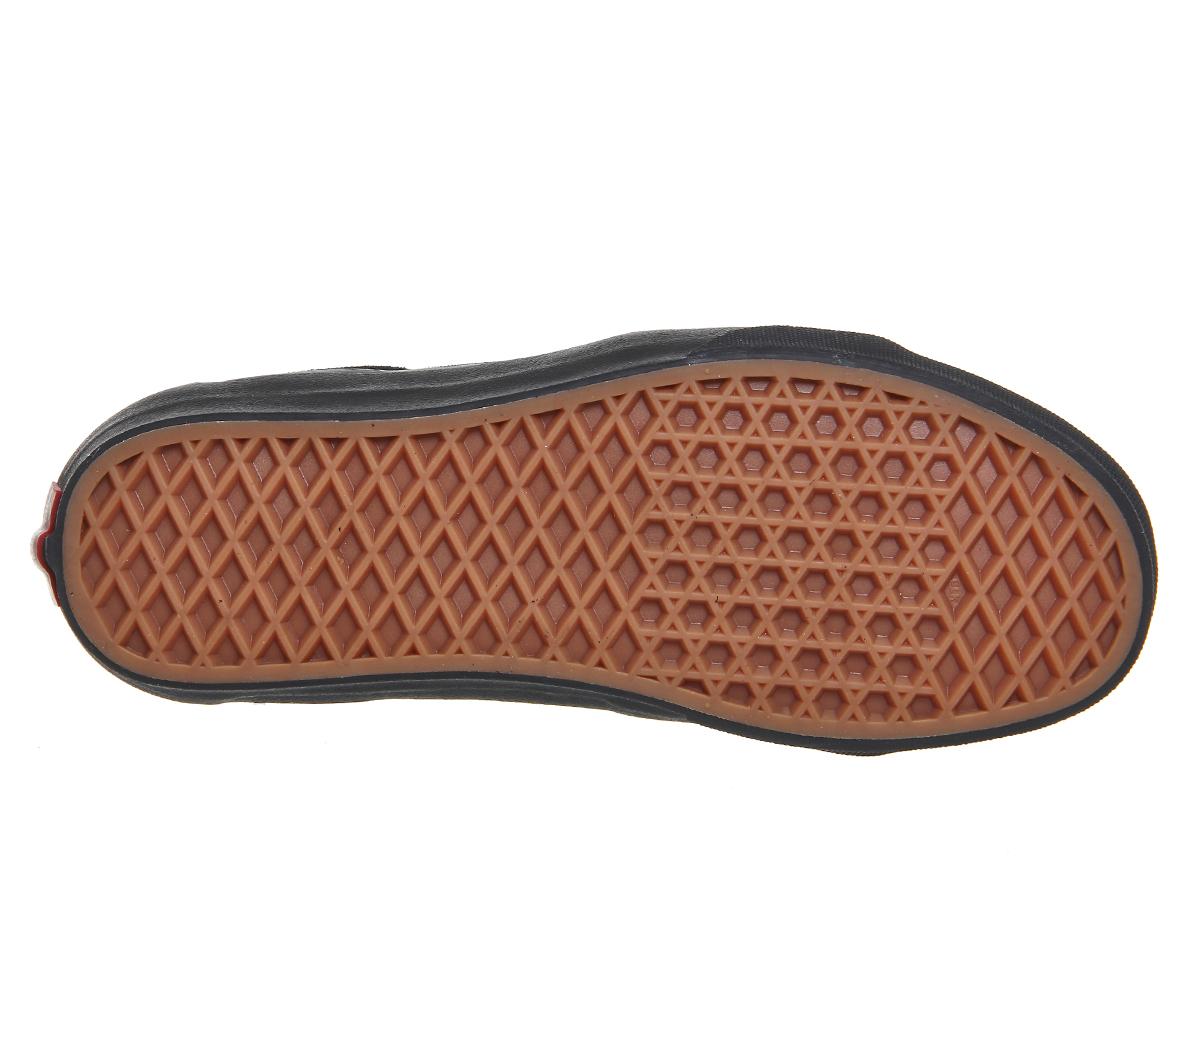 6af09c3fd0d Womens Vans Sk8 Hi Black Suede Mono Trainers Shoes